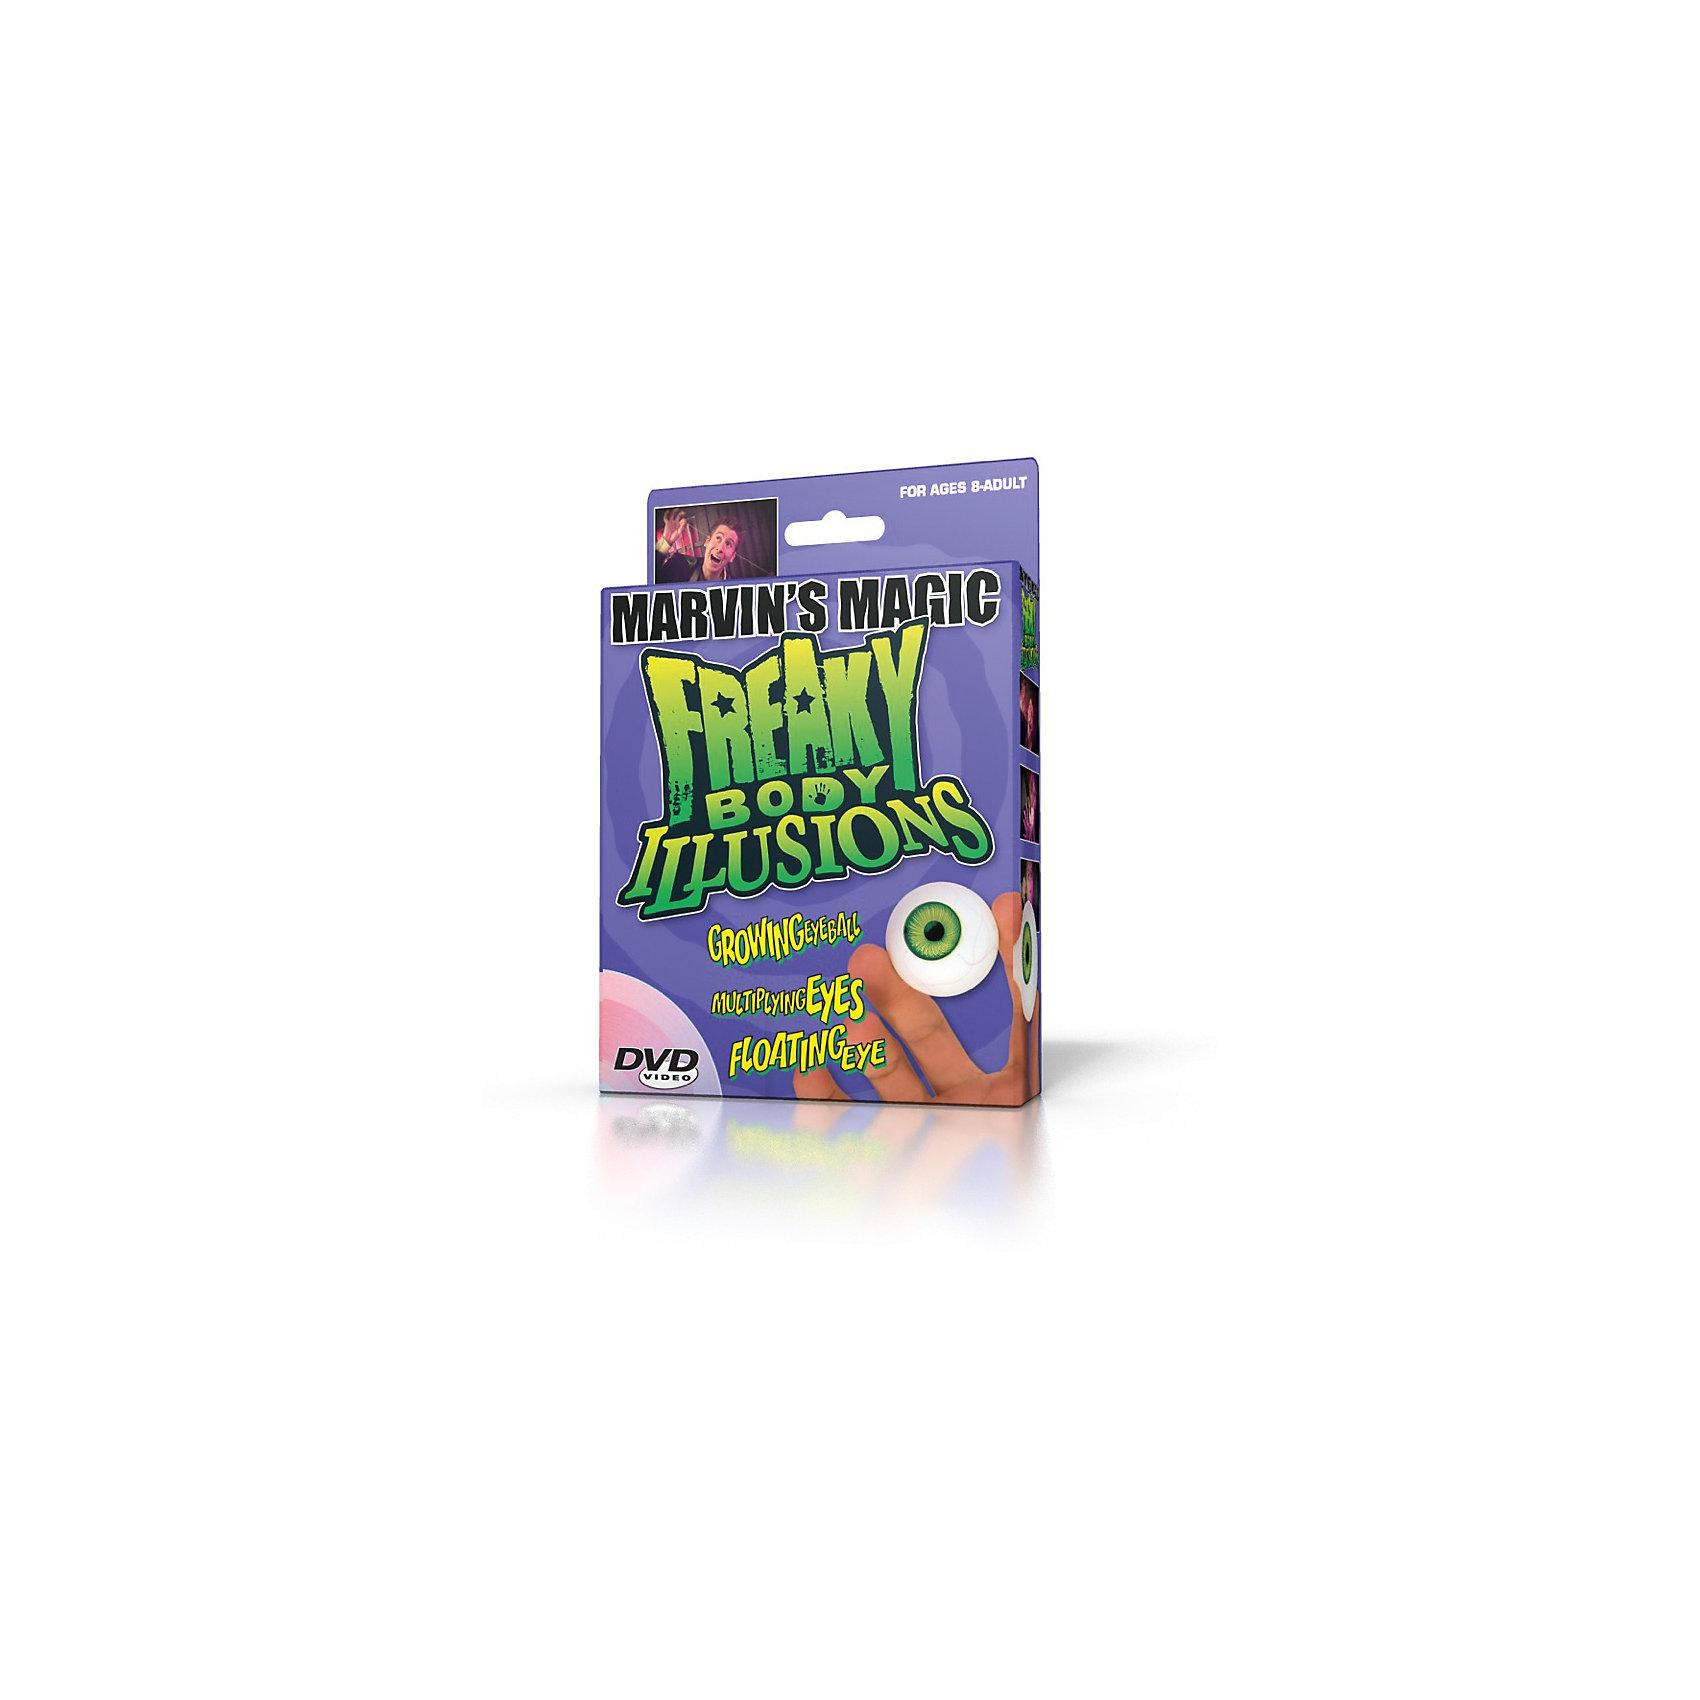 Набор фокусов  Смешные ужасы, иллюзии с  глазамиИгры-фокусы<br>Набор фокусов Смешные ужасы, иллюзии с глазами.<br><br>Характеристики:<br><br>• Возраст: от 8 лет<br>• В наборе: черный платок, 2 глазных яблока, набор карточек, карточка члена клуба Марвинс Мэйджик, DVD диск с инструкциями<br>• Материал: пластик, текстиль<br>• Упаковка: картонная коробка<br><br>Набор Смешные ужасы, иллюзии с глазами позволит маленьким фокусникам проделывать самые невероятные трюки и создавать удивительные иллюзии со своим телом. В набор входит два реалистичных бутафорских глазных яблока, черный платок, набор карточек и DVD диск с инструкциями о том, как можно напугать и удивить с помощью этих аксессуаров. Набор развивает координацию движений, артистизм, навыки общения и выступления на публике.<br><br>Набор фокусов Смешные ужасы, иллюзии с глазами можно купить в нашем интернет-магазине.<br><br>Ширина мм: 160<br>Глубина мм: 55<br>Высота мм: 235<br>Вес г: 205<br>Возраст от месяцев: 96<br>Возраст до месяцев: 2147483647<br>Пол: Унисекс<br>Возраст: Детский<br>SKU: 5482549